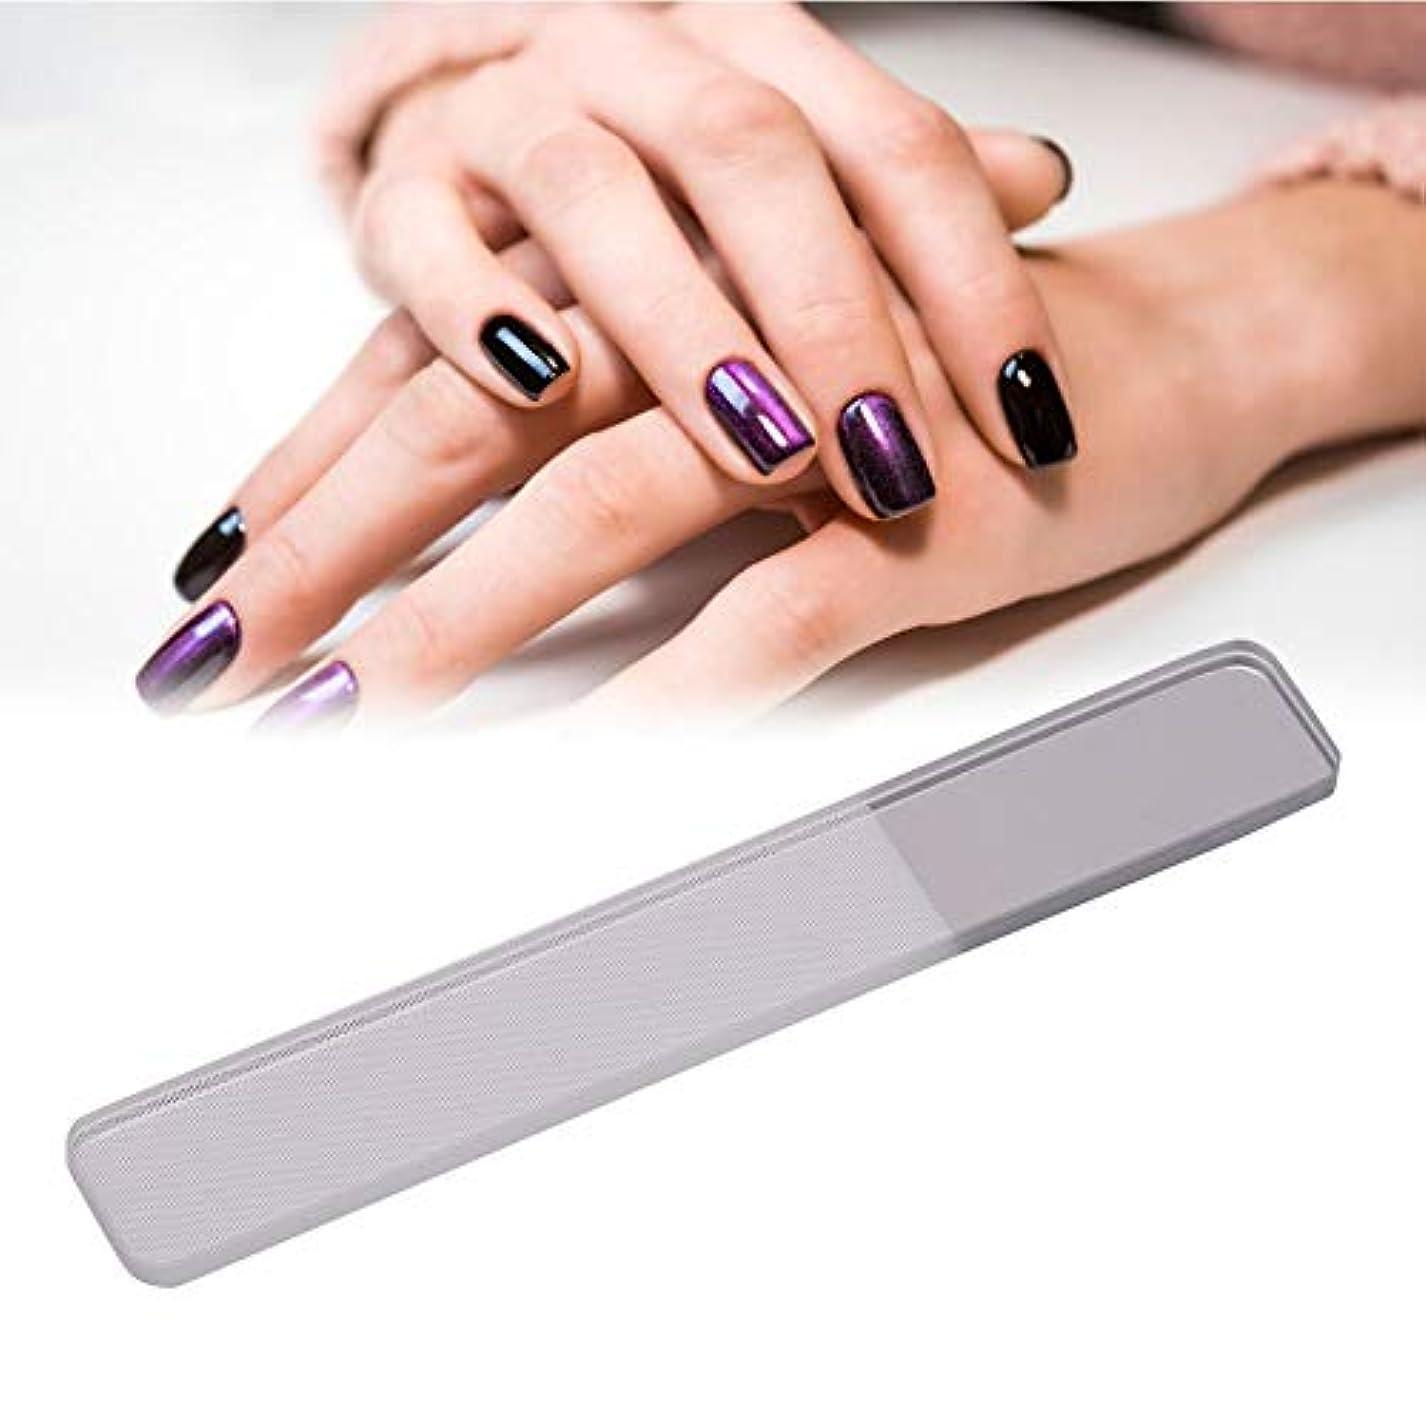 守る破滅的なブースフアイル ネイルファイル ネイルファイル ネイルバッファー 爪磨き 爪やすり バッファー ジェルネイル用ファイル(1)